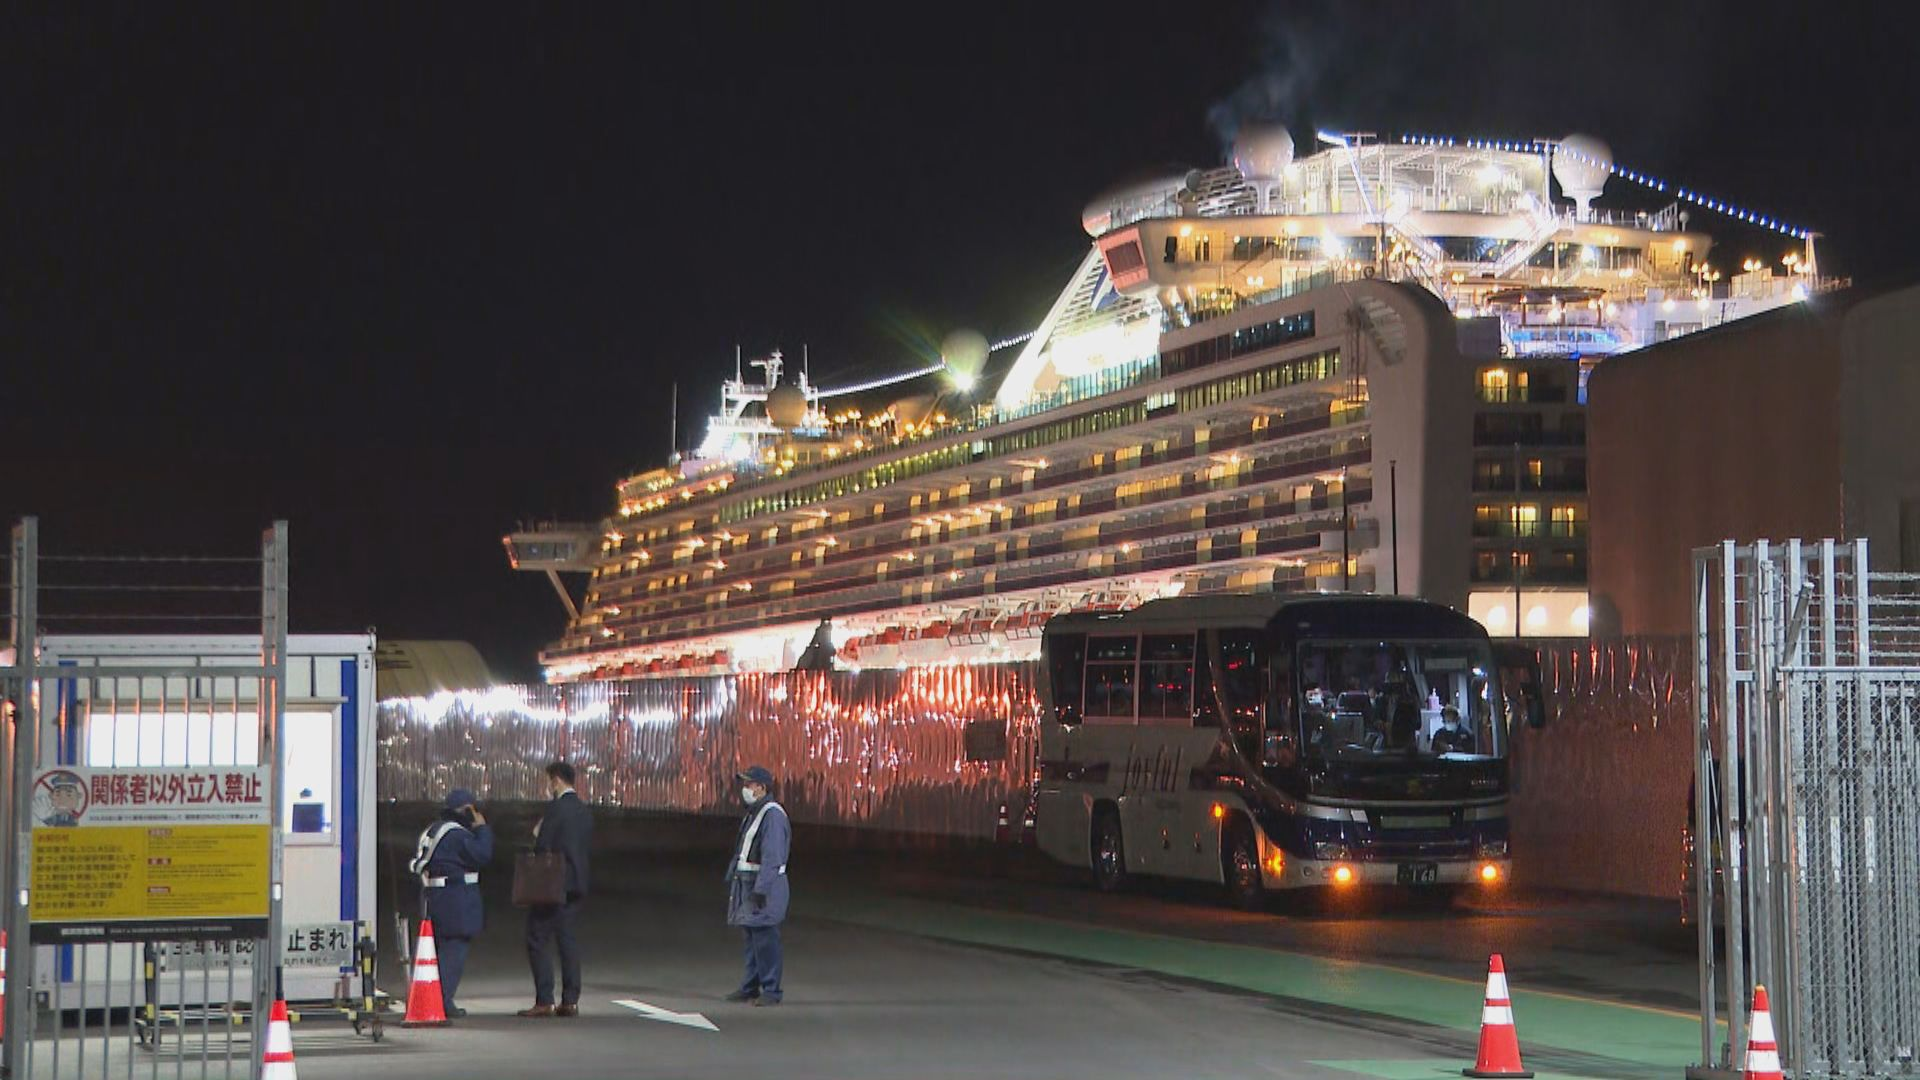 入境處:鑽石公主號部分港人希望在日本繼續行程